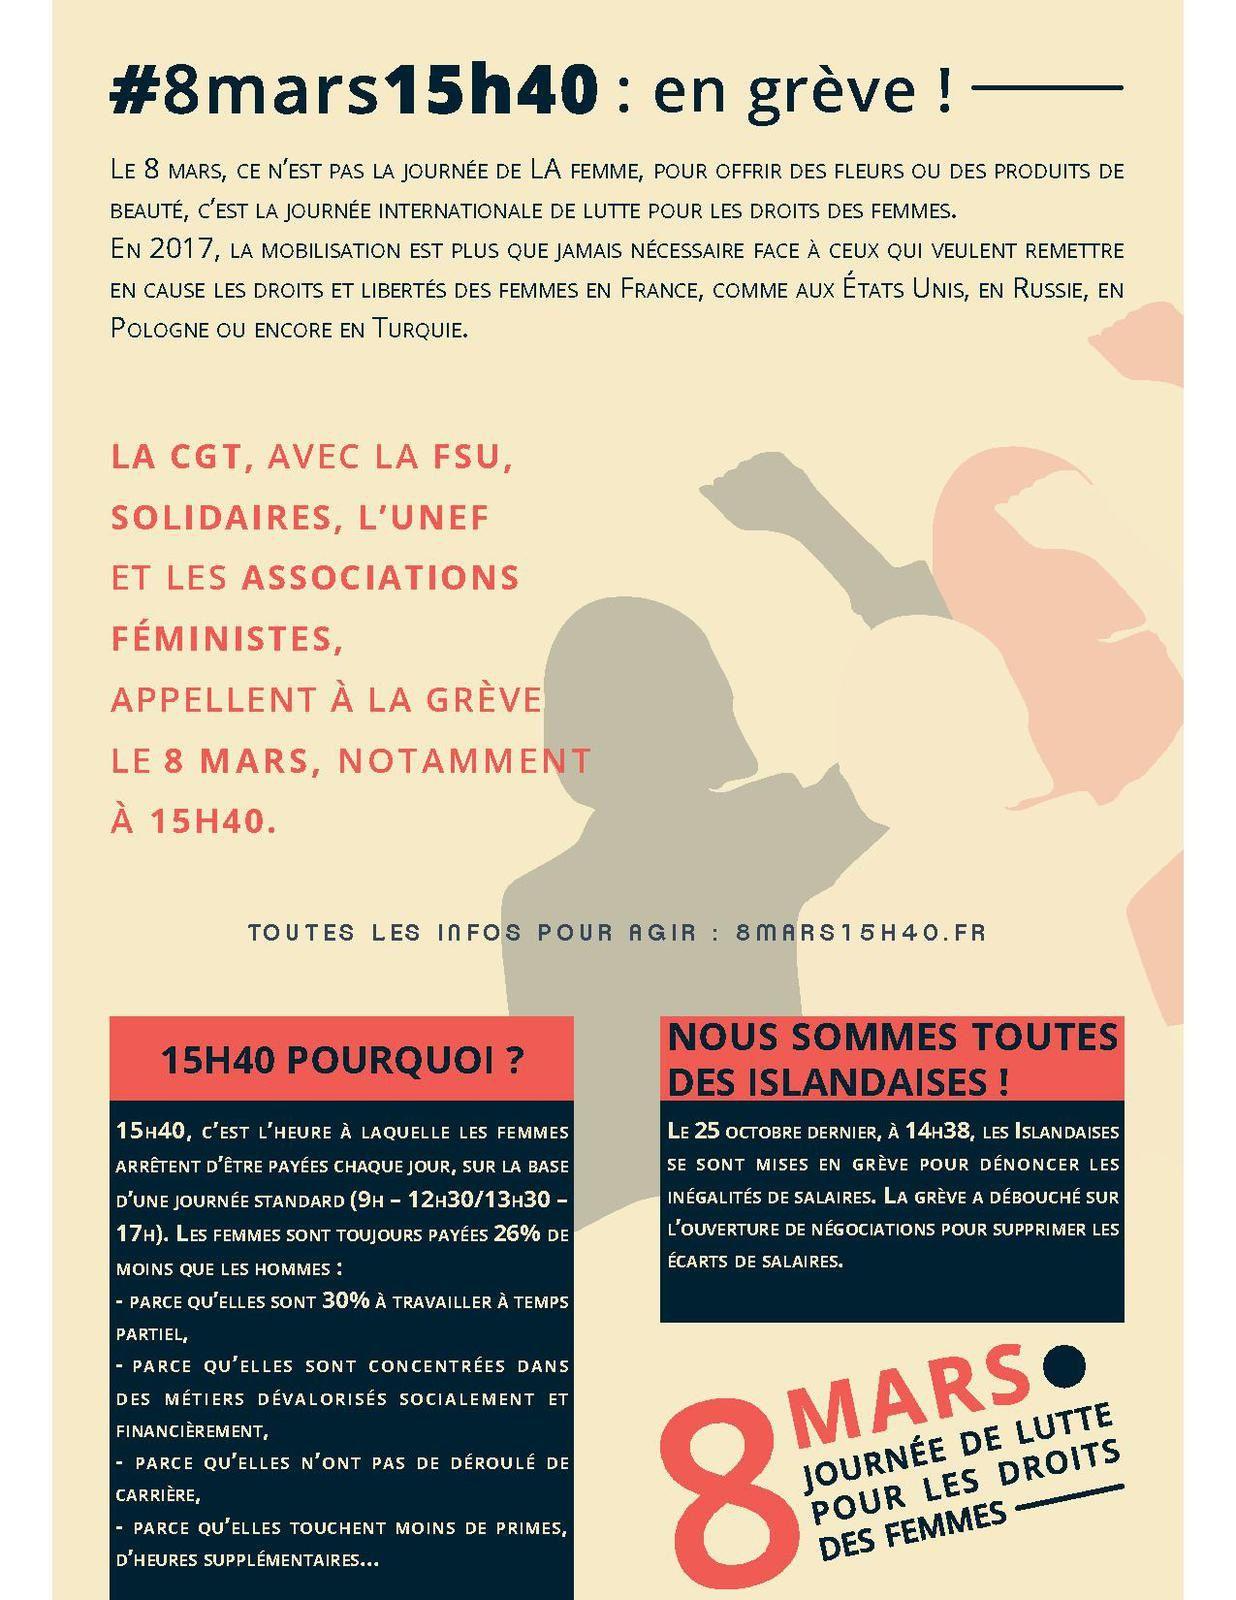 #8mars15h40: en grève - journée internationale de lutte pour les droits des femmes